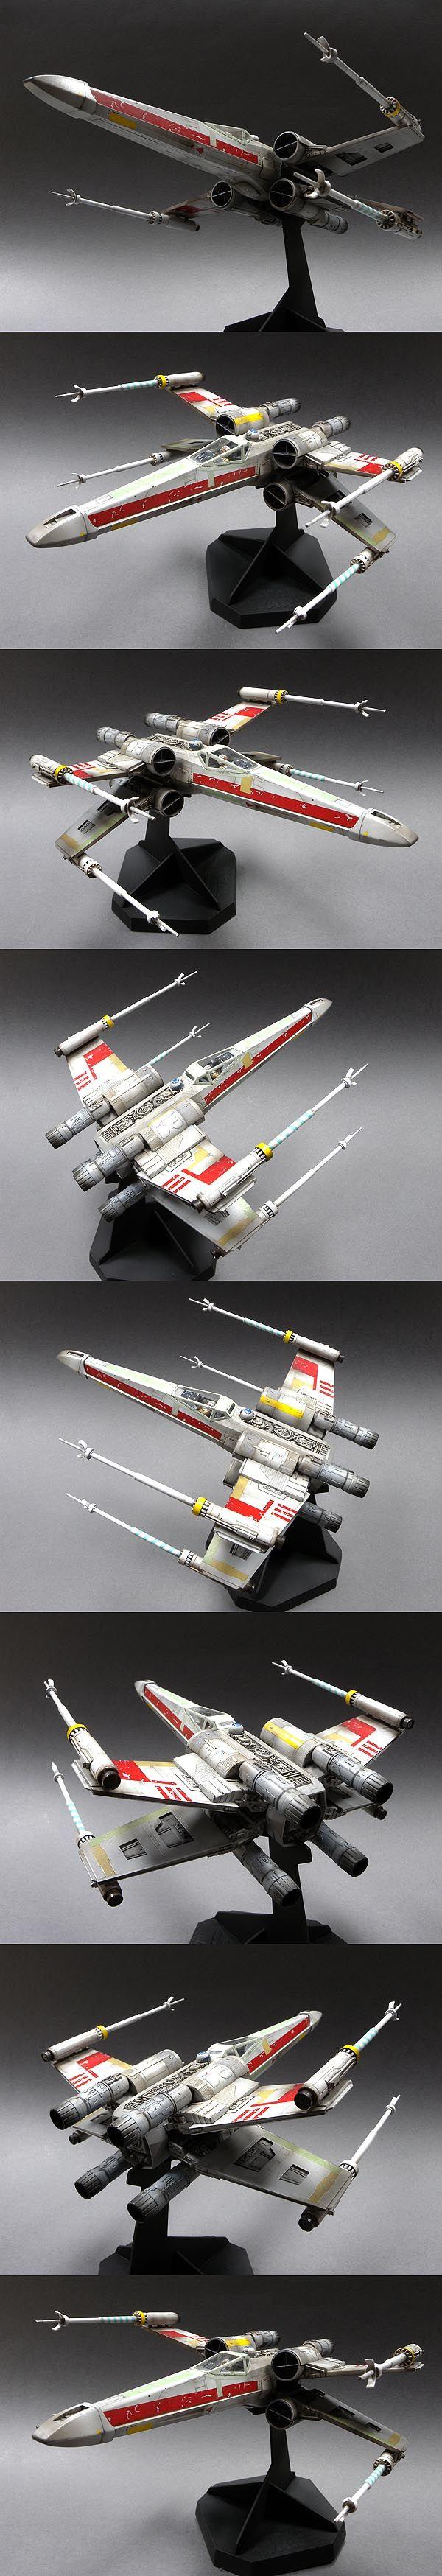 X-Wing 1/32 Scale Model  Dan ganas de subirse y ponerlo a volar... ;-)